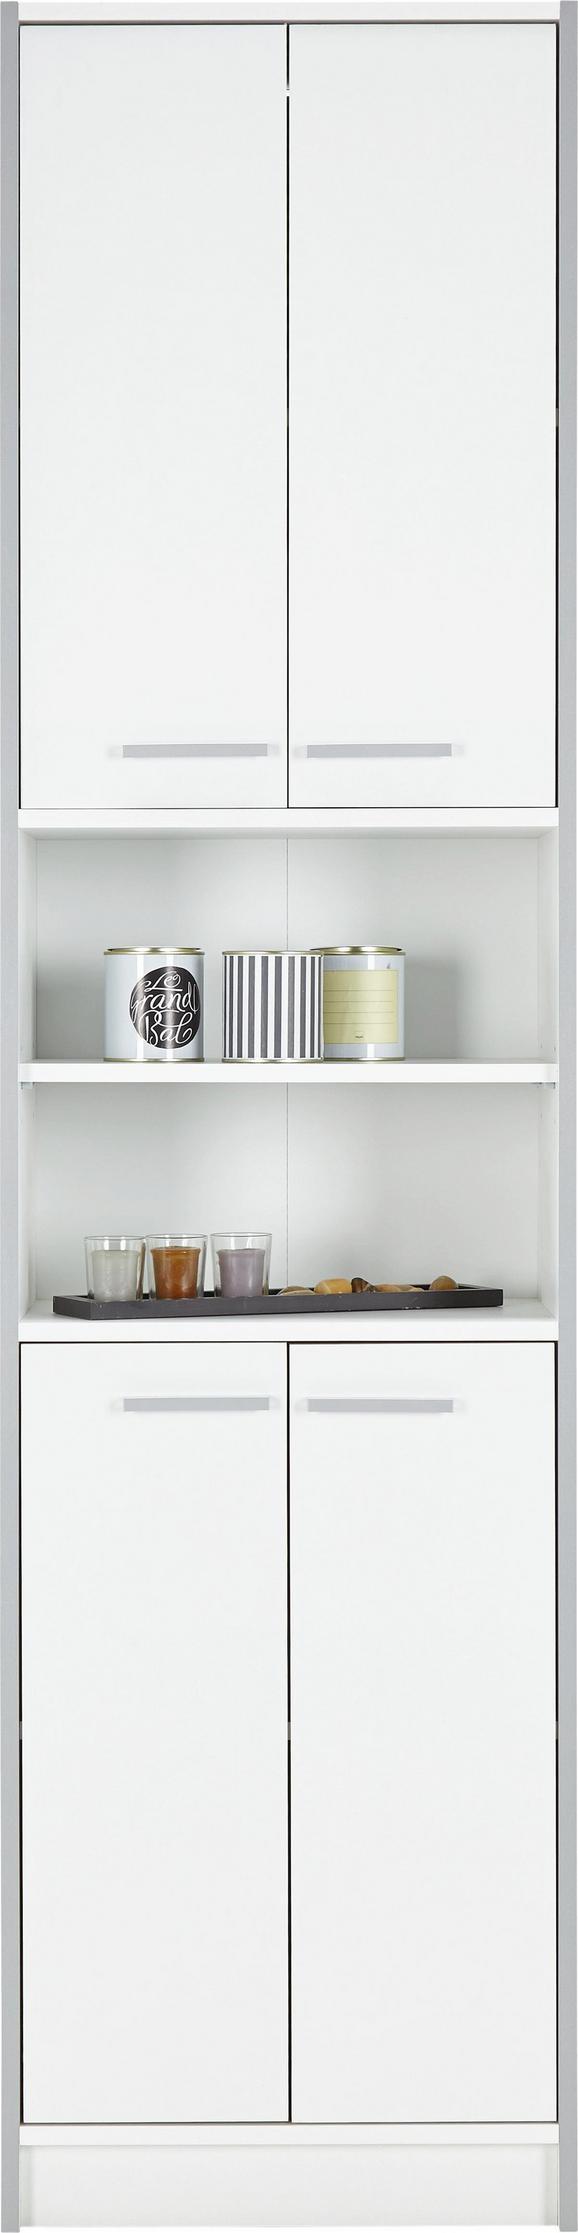 Hochschrank perlweiß - Holzwerkstoff/Kunststoff (50/195/32cm) - Based